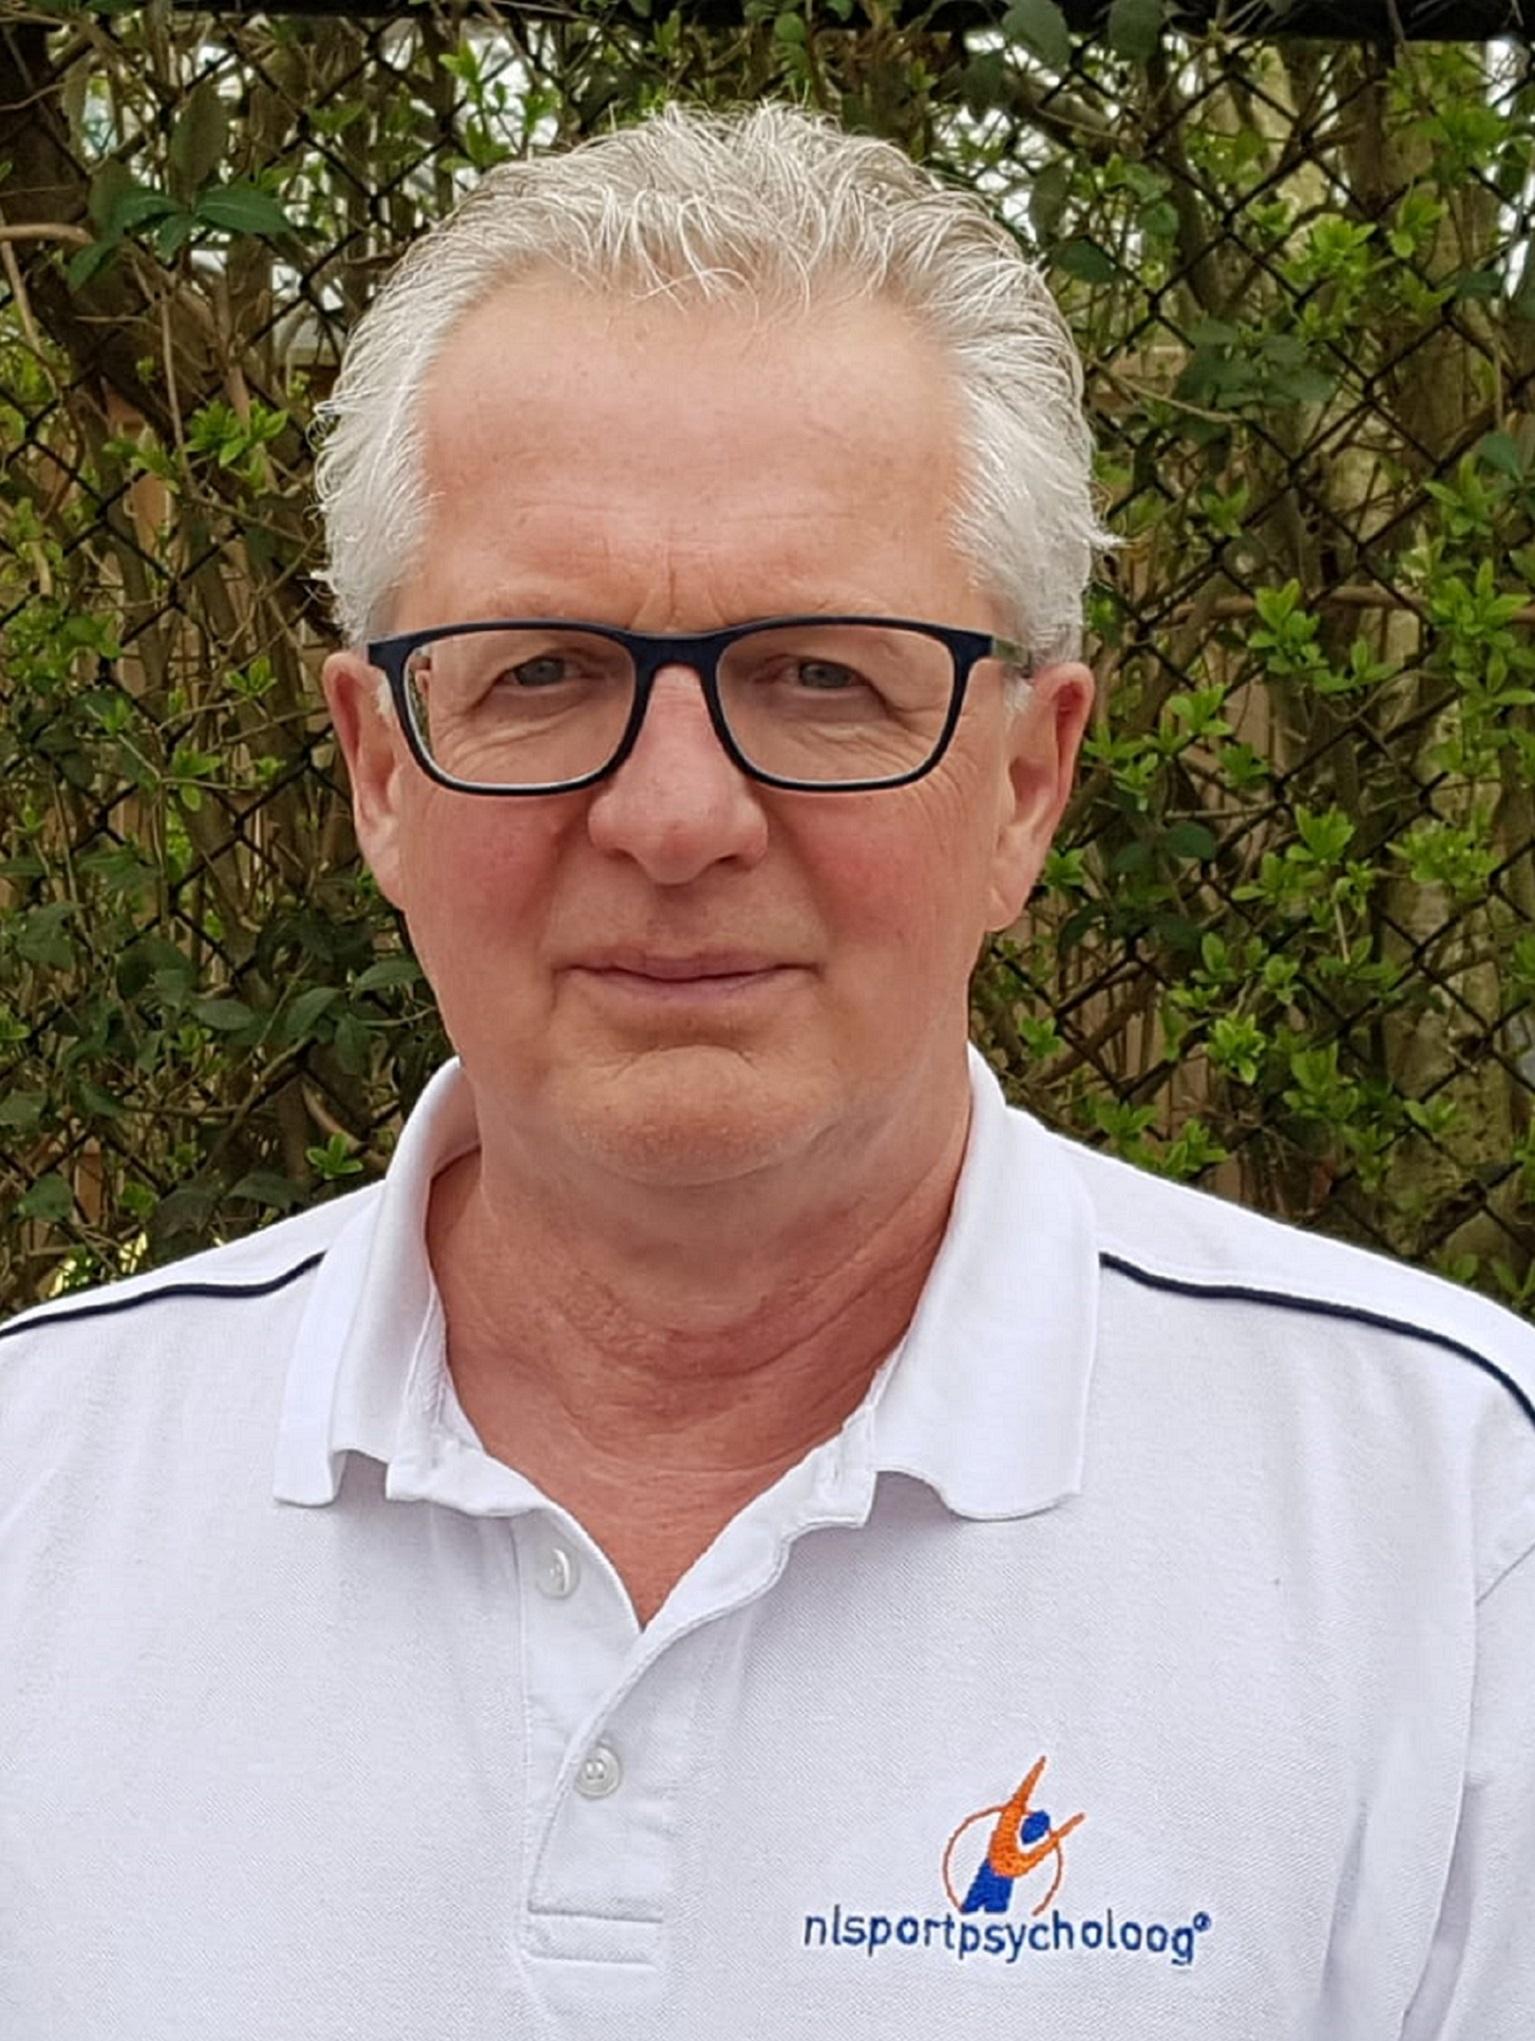 NL sportpsycholoog Peter Lulof - Overijssel